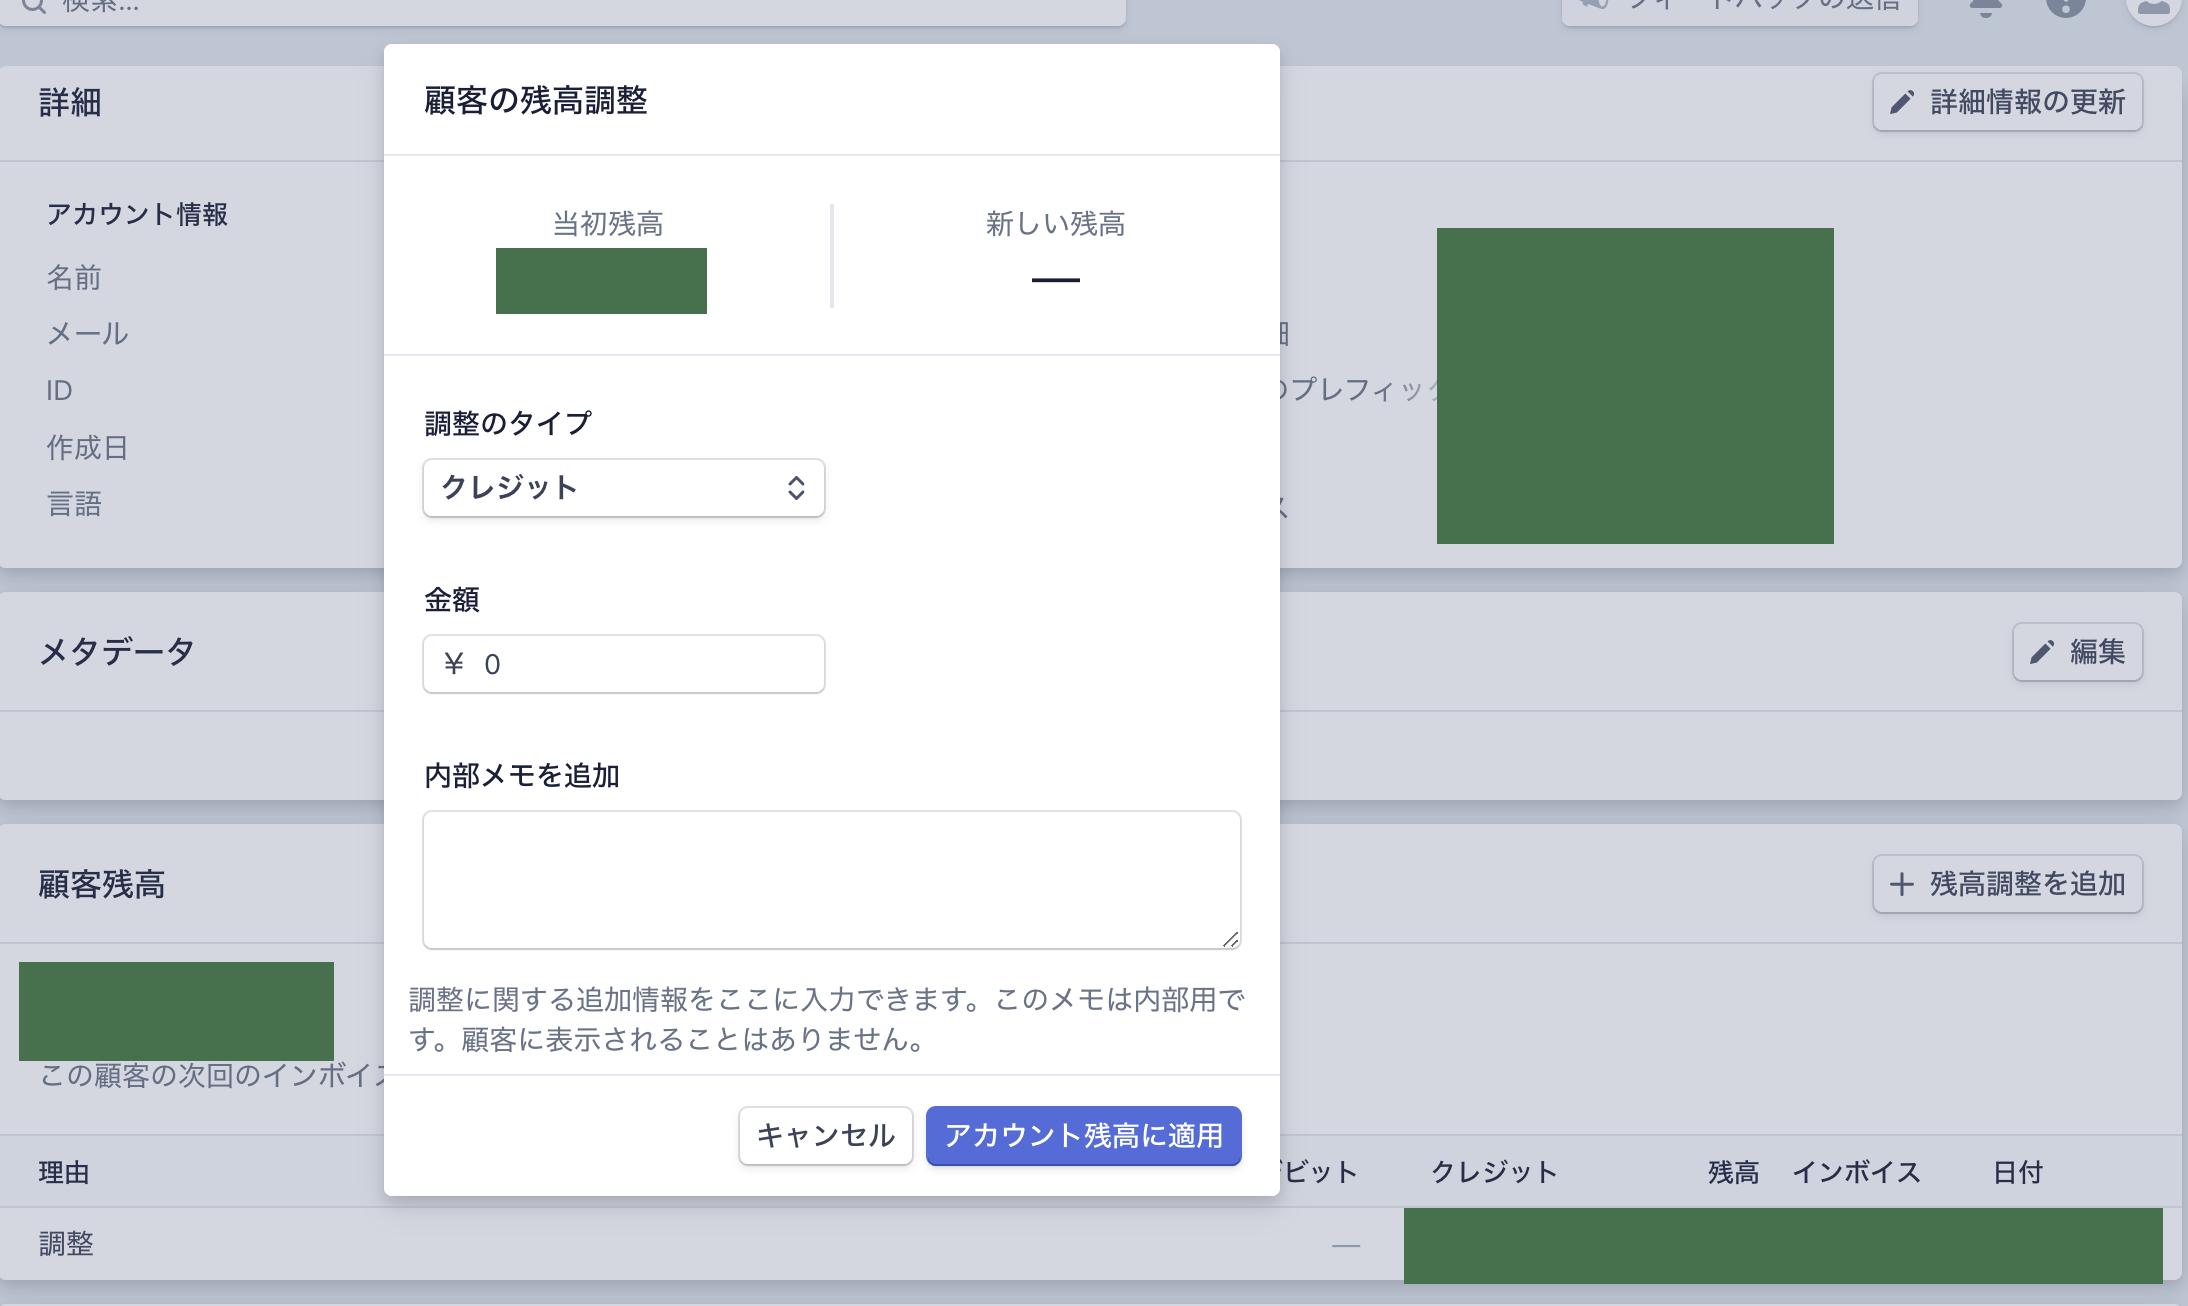 スクリーンショット 2019-09-05 22.08.12.png